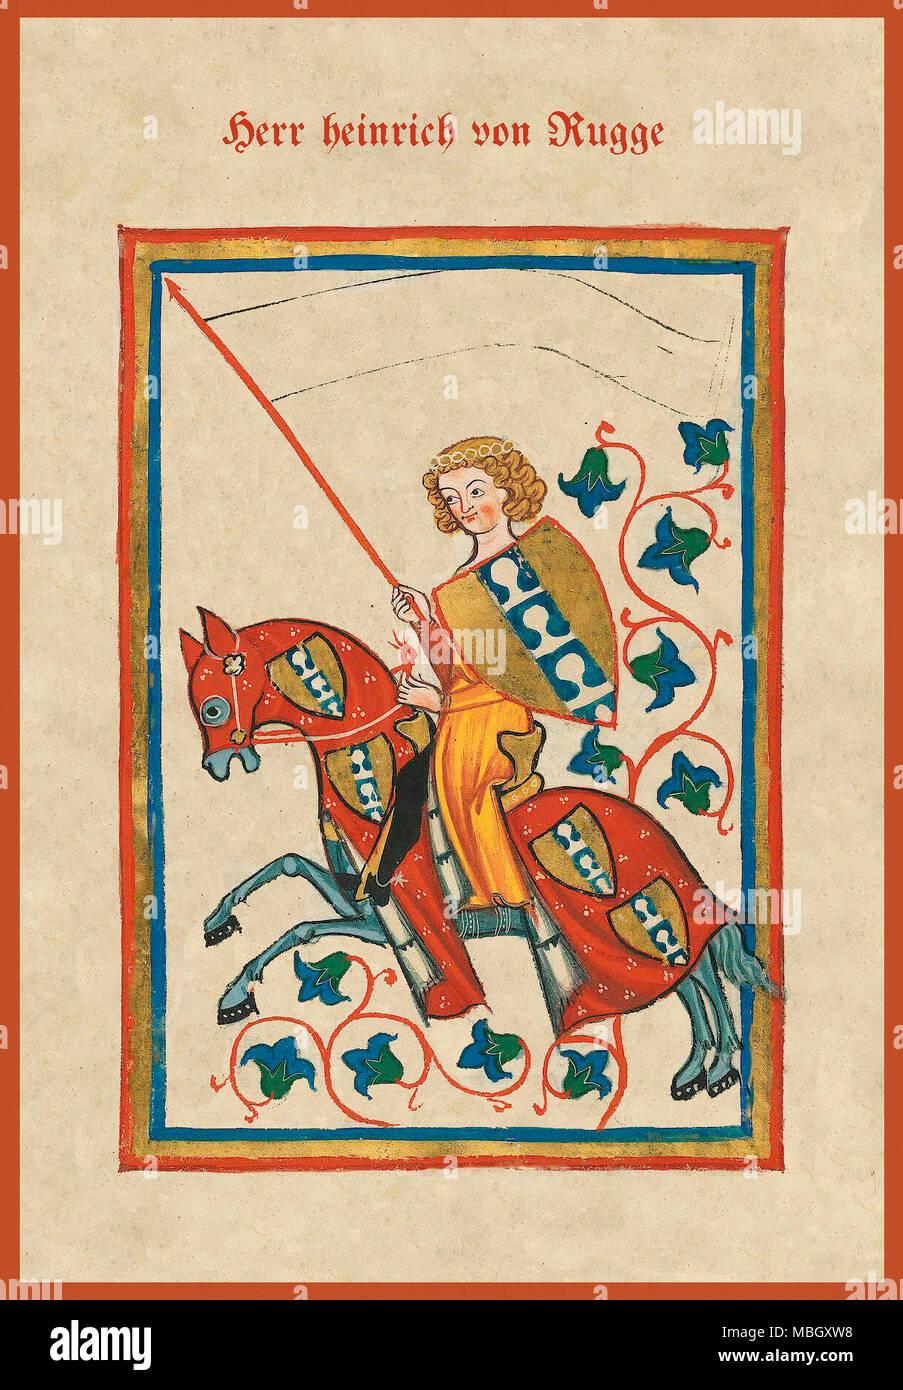 Herr heinrich von Rugge - Stock Image